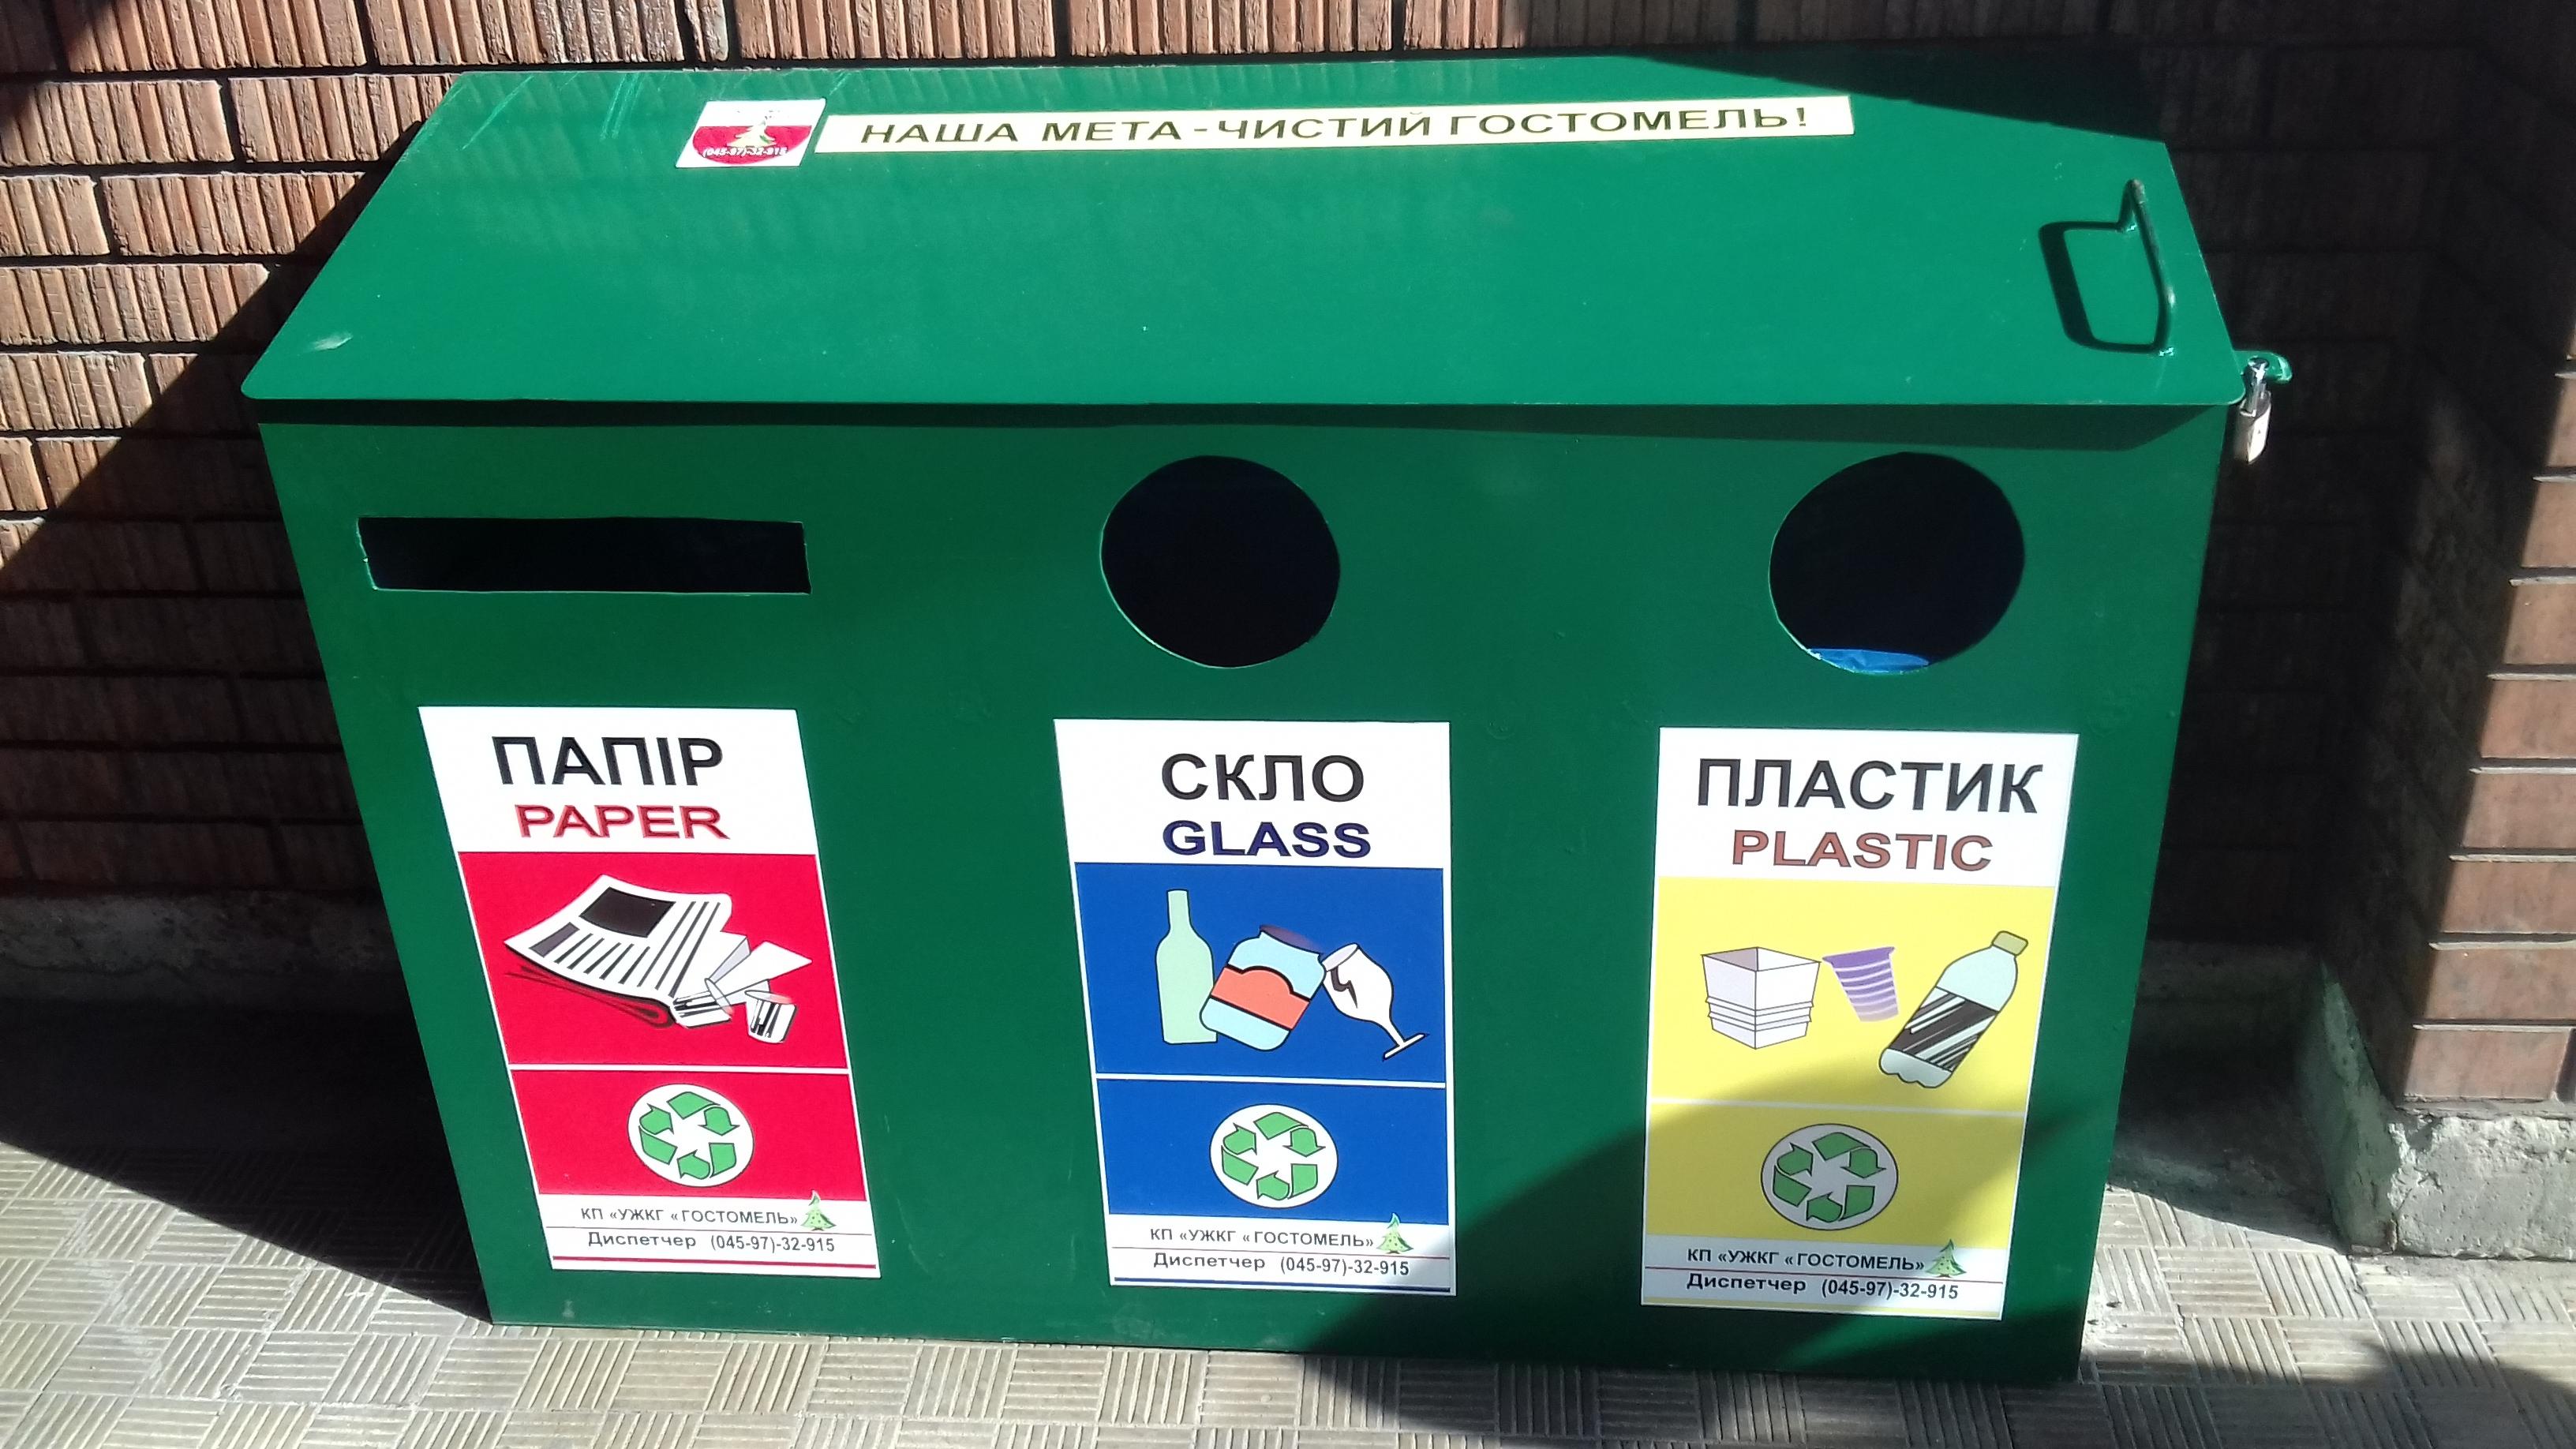 На гостомельських зупинках з'явилися контейнери для роздільного збору сміття - роздільний збір побутових відходів, КП «УЖКГ Гостомель», контейнери - 10 2